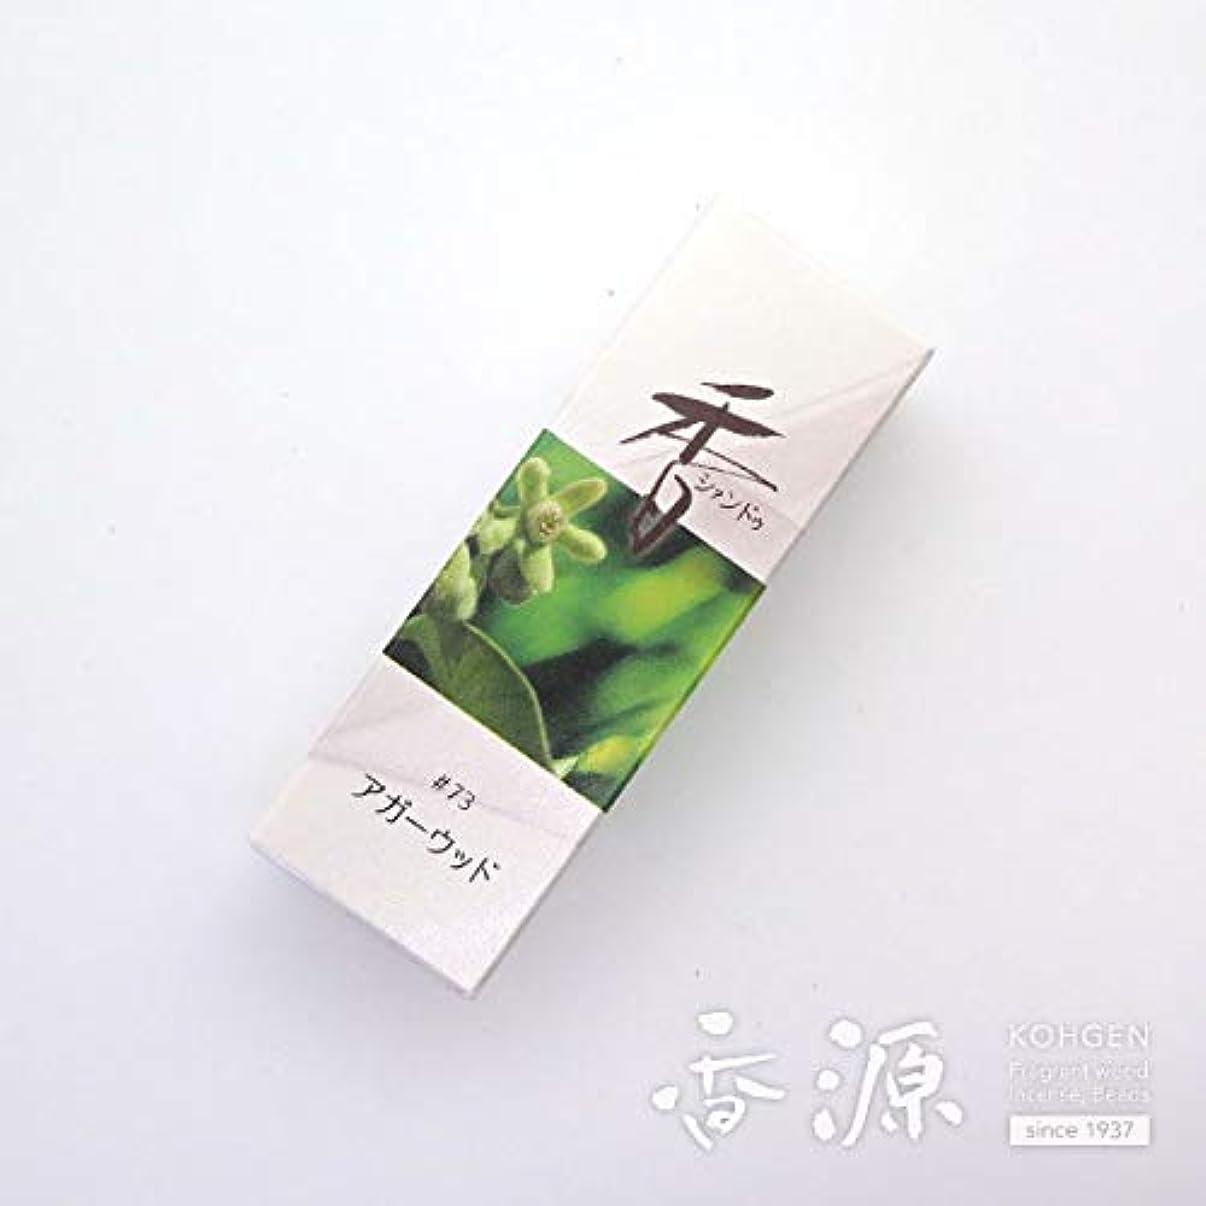 交渉するポルノ再生的松栄堂のお香 Xiang Do(シャンドゥ) アガーウッド ST20本入 簡易香立付 #214273